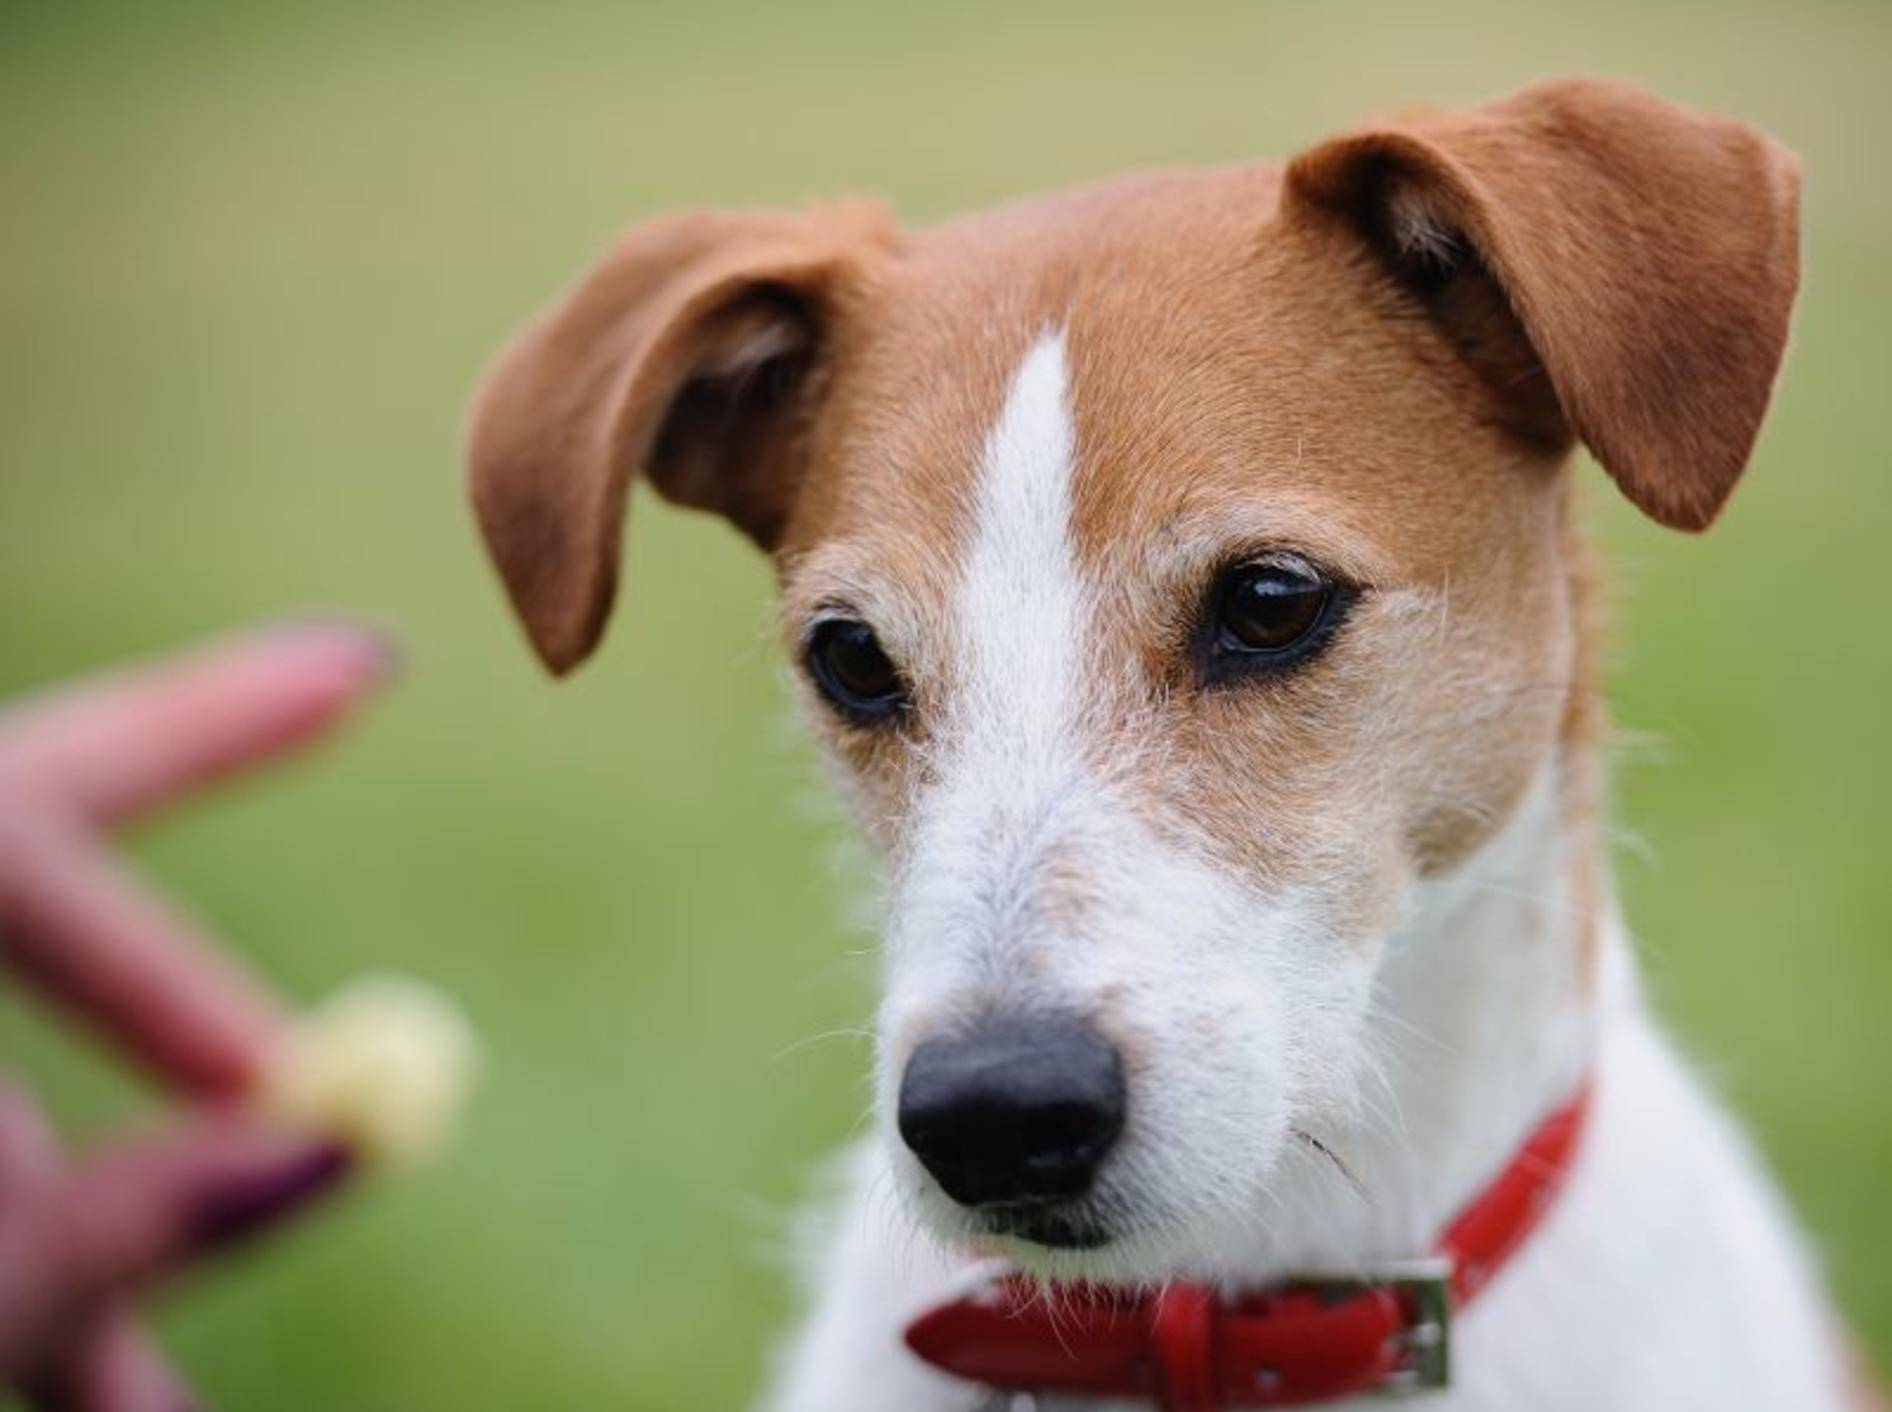 Futterbeutel für den Spaziergang und den Hundesport – Bild: Shutterstock / godrick